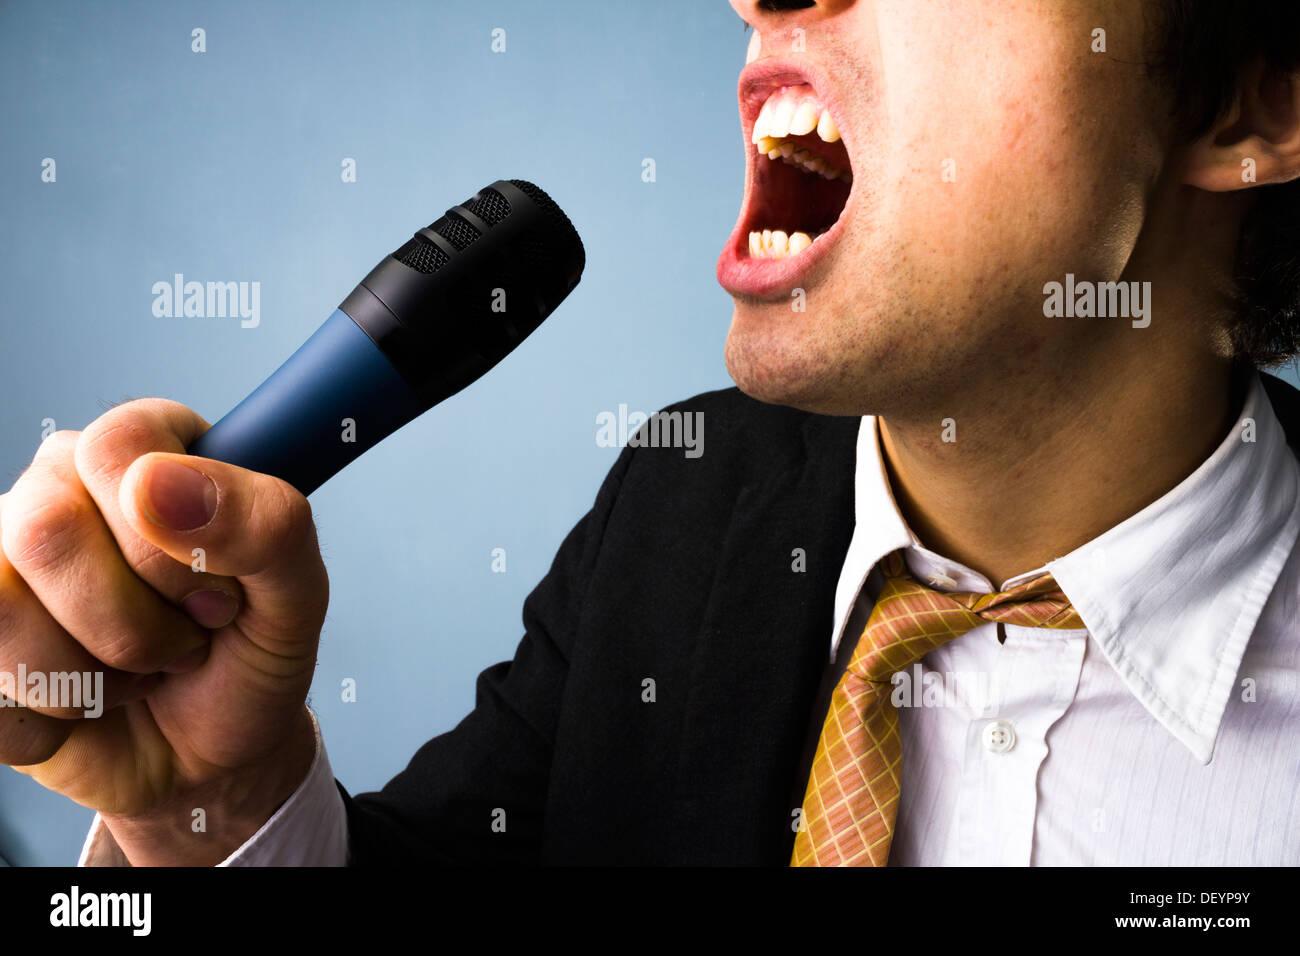 Gros plan sur le visage d'un jeune homme qu'il est le chant karaoké Photo Stock